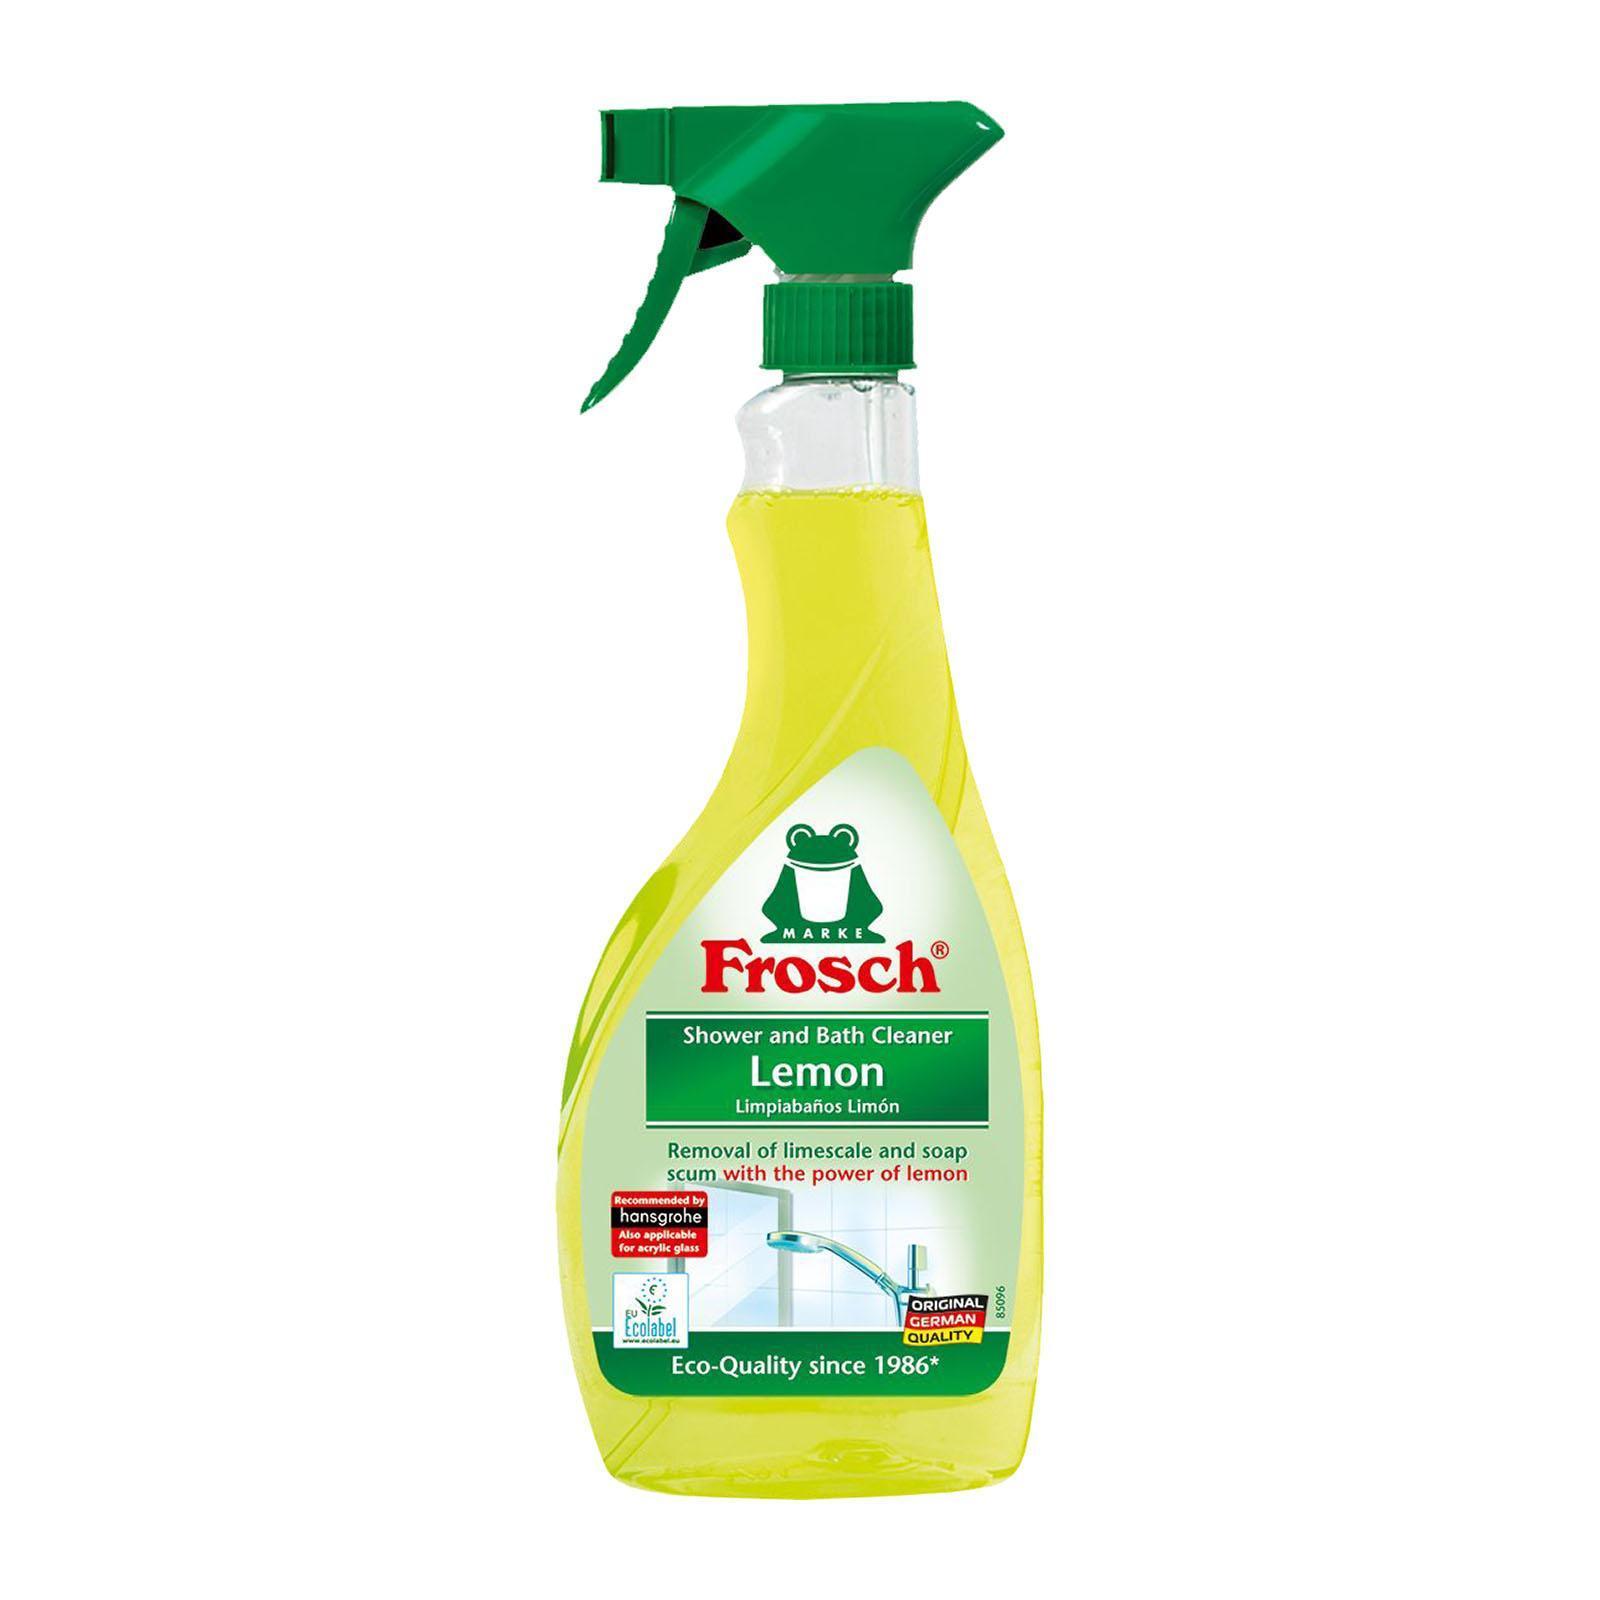 Frosch Lemon Shower and bath Trigger 500Ml